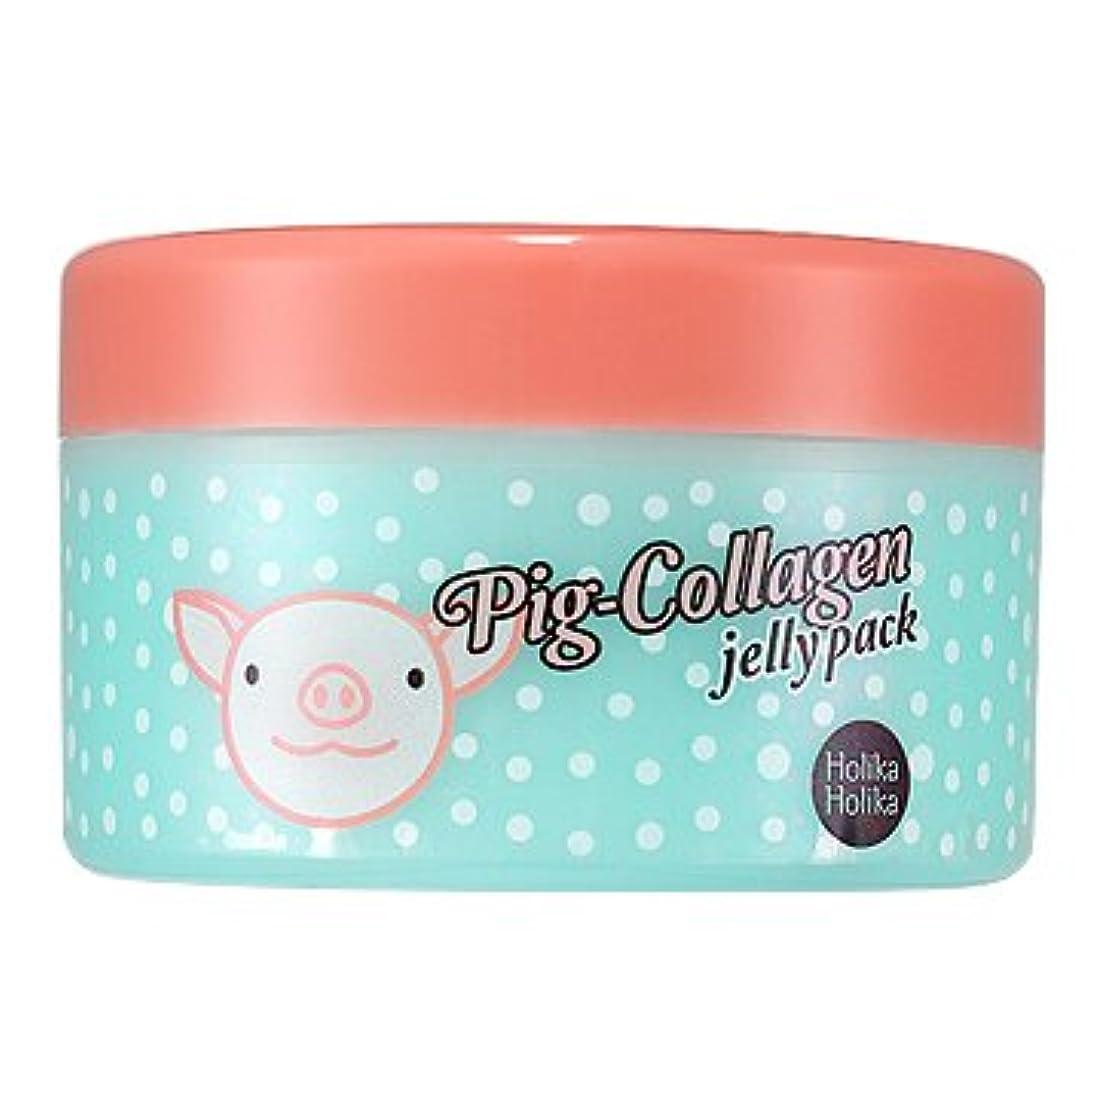 絞るロッジすすり泣きホリカホリカ ピッグコラーゲンジェリーパック(リンクルケア) / HolikaHolika Pig Collagen Jelly Pack 80g [並行輸入品]